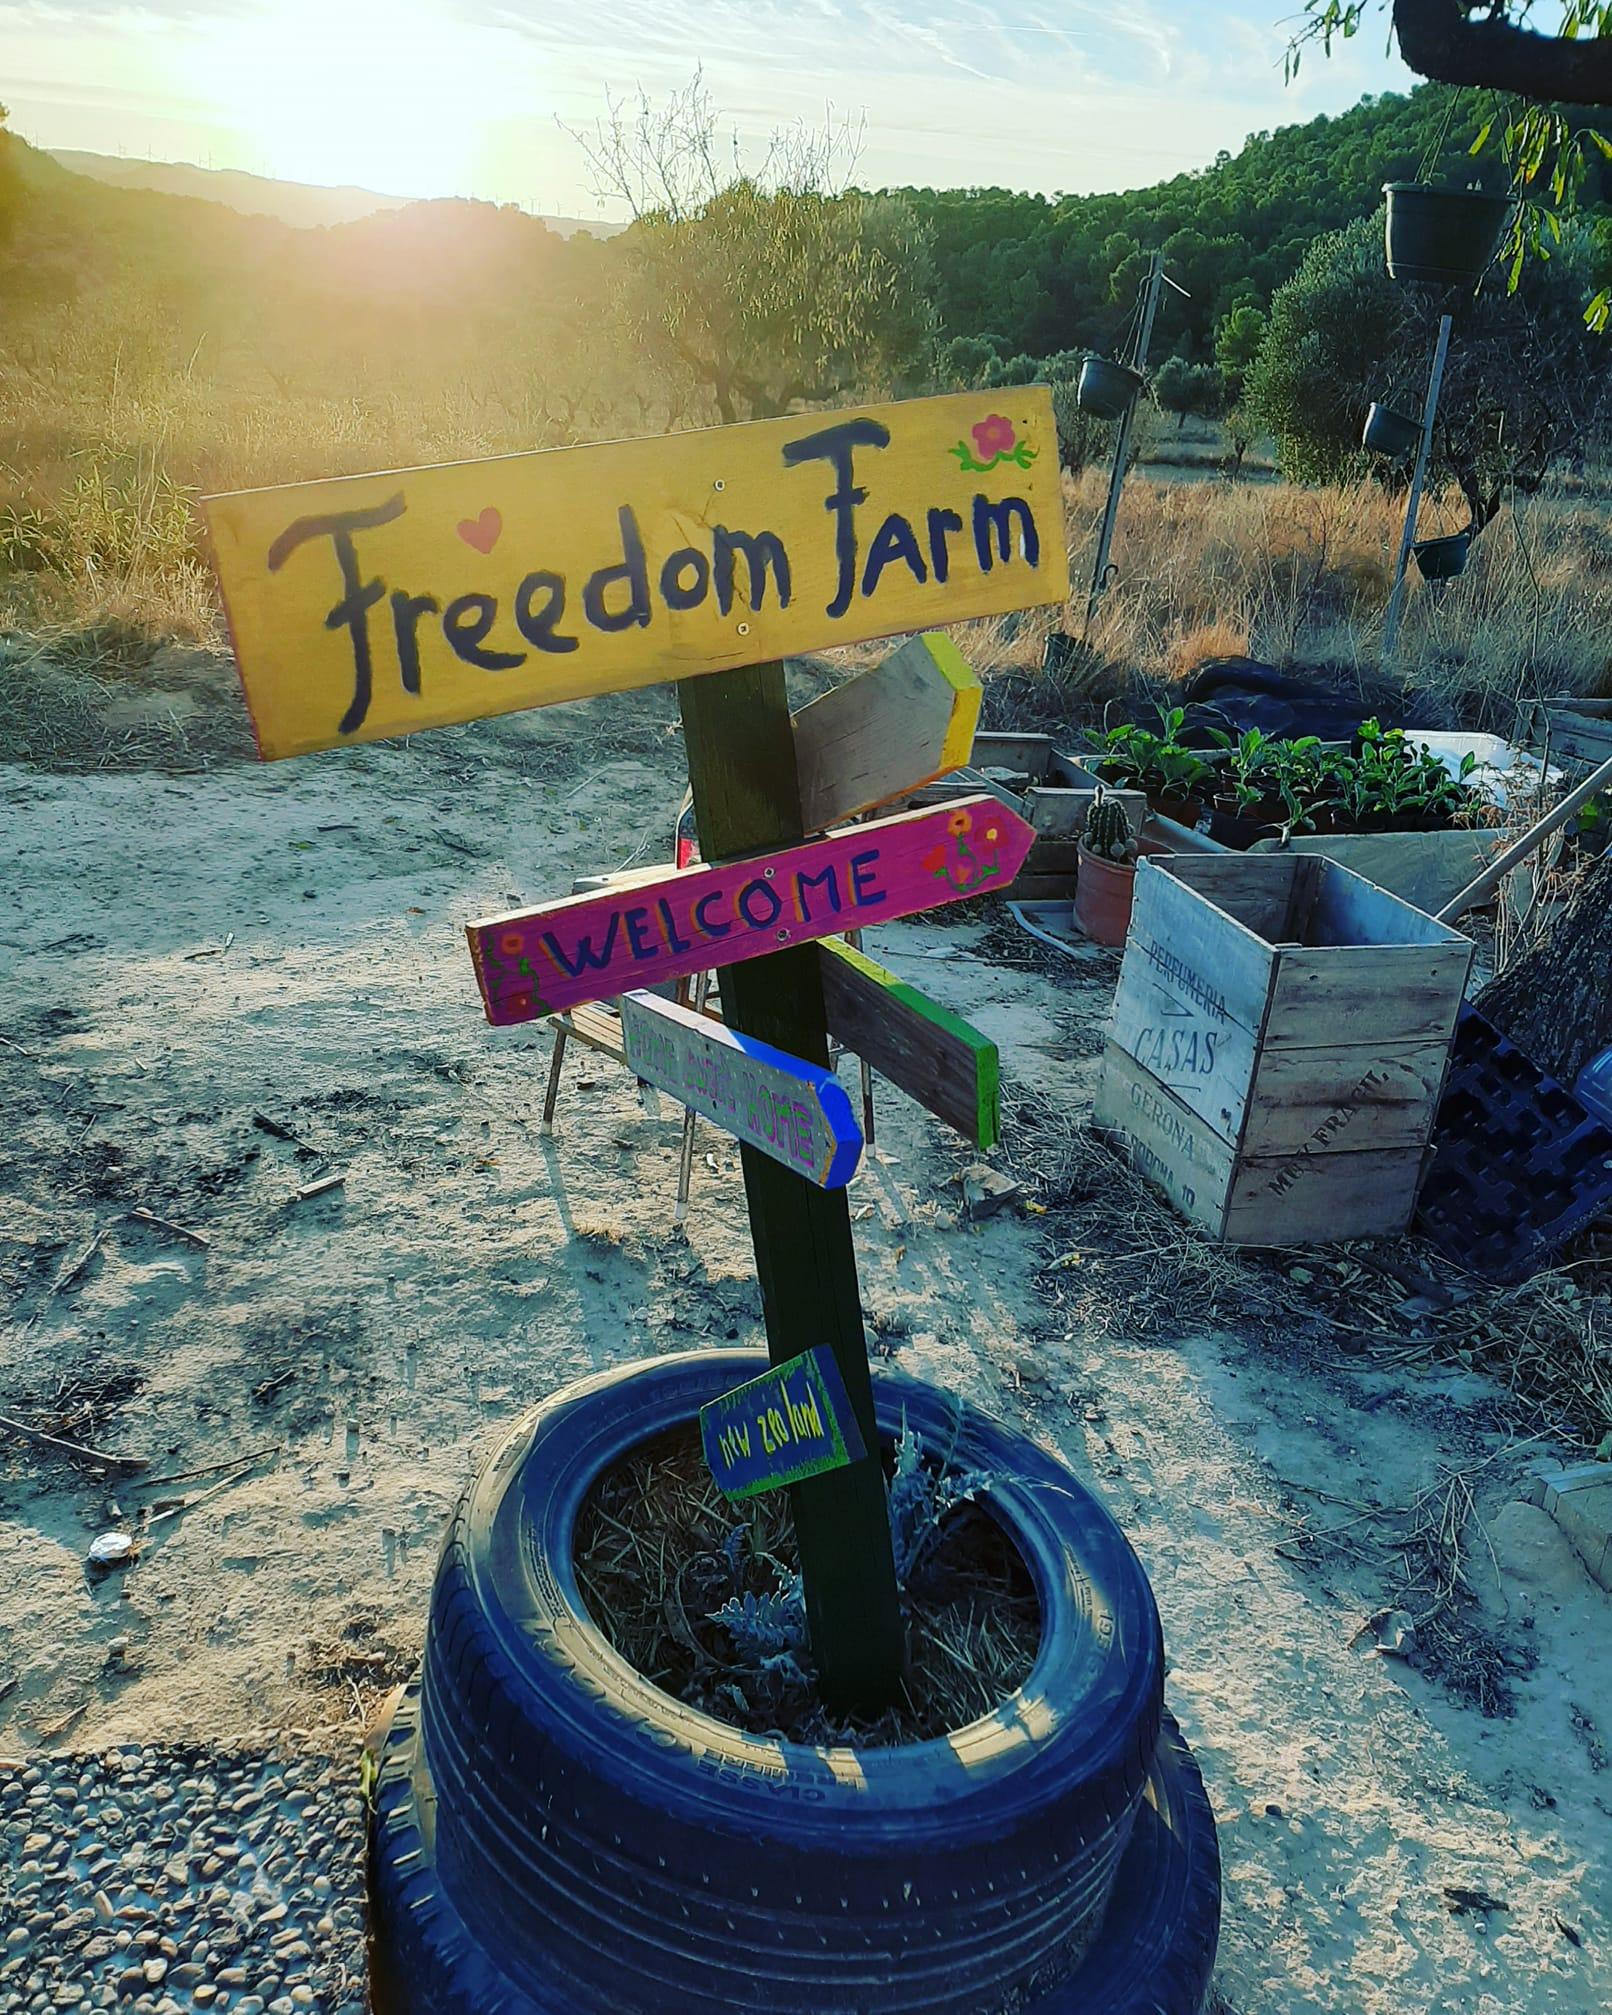 Benvenuti alla Freedom Farm